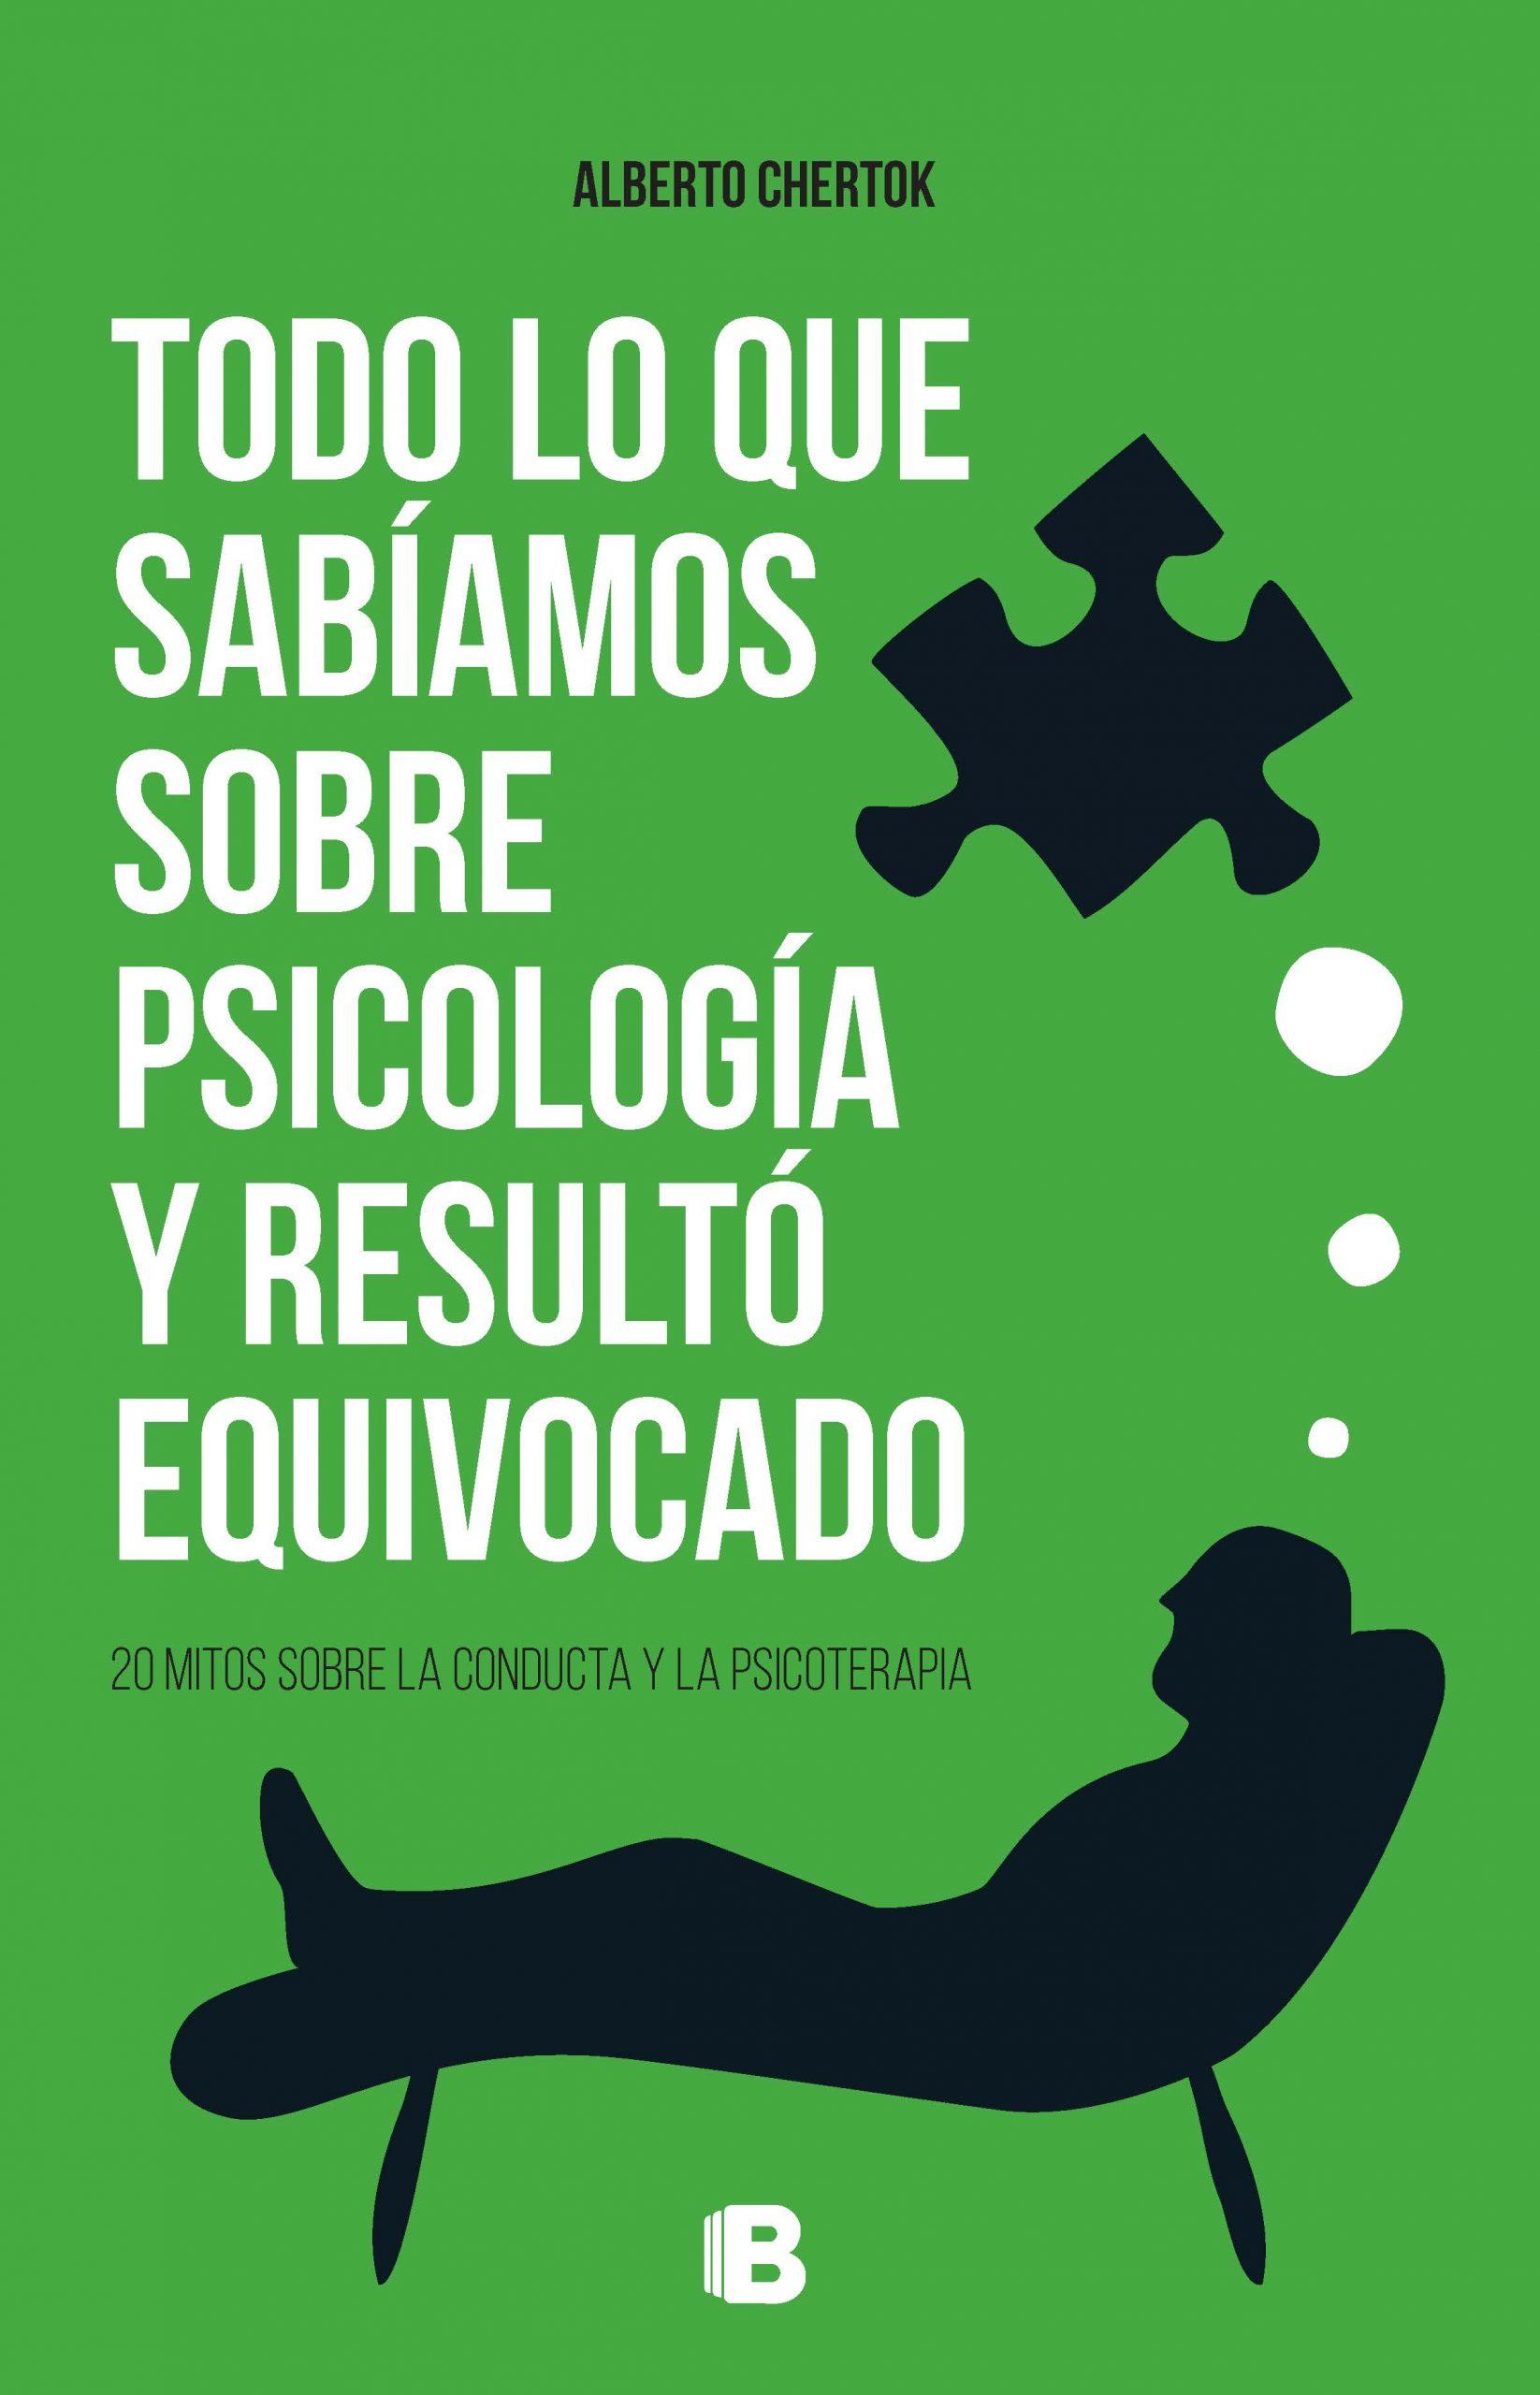 TODO LO QUE SABIAMOS DE LA PSICOLOGIA